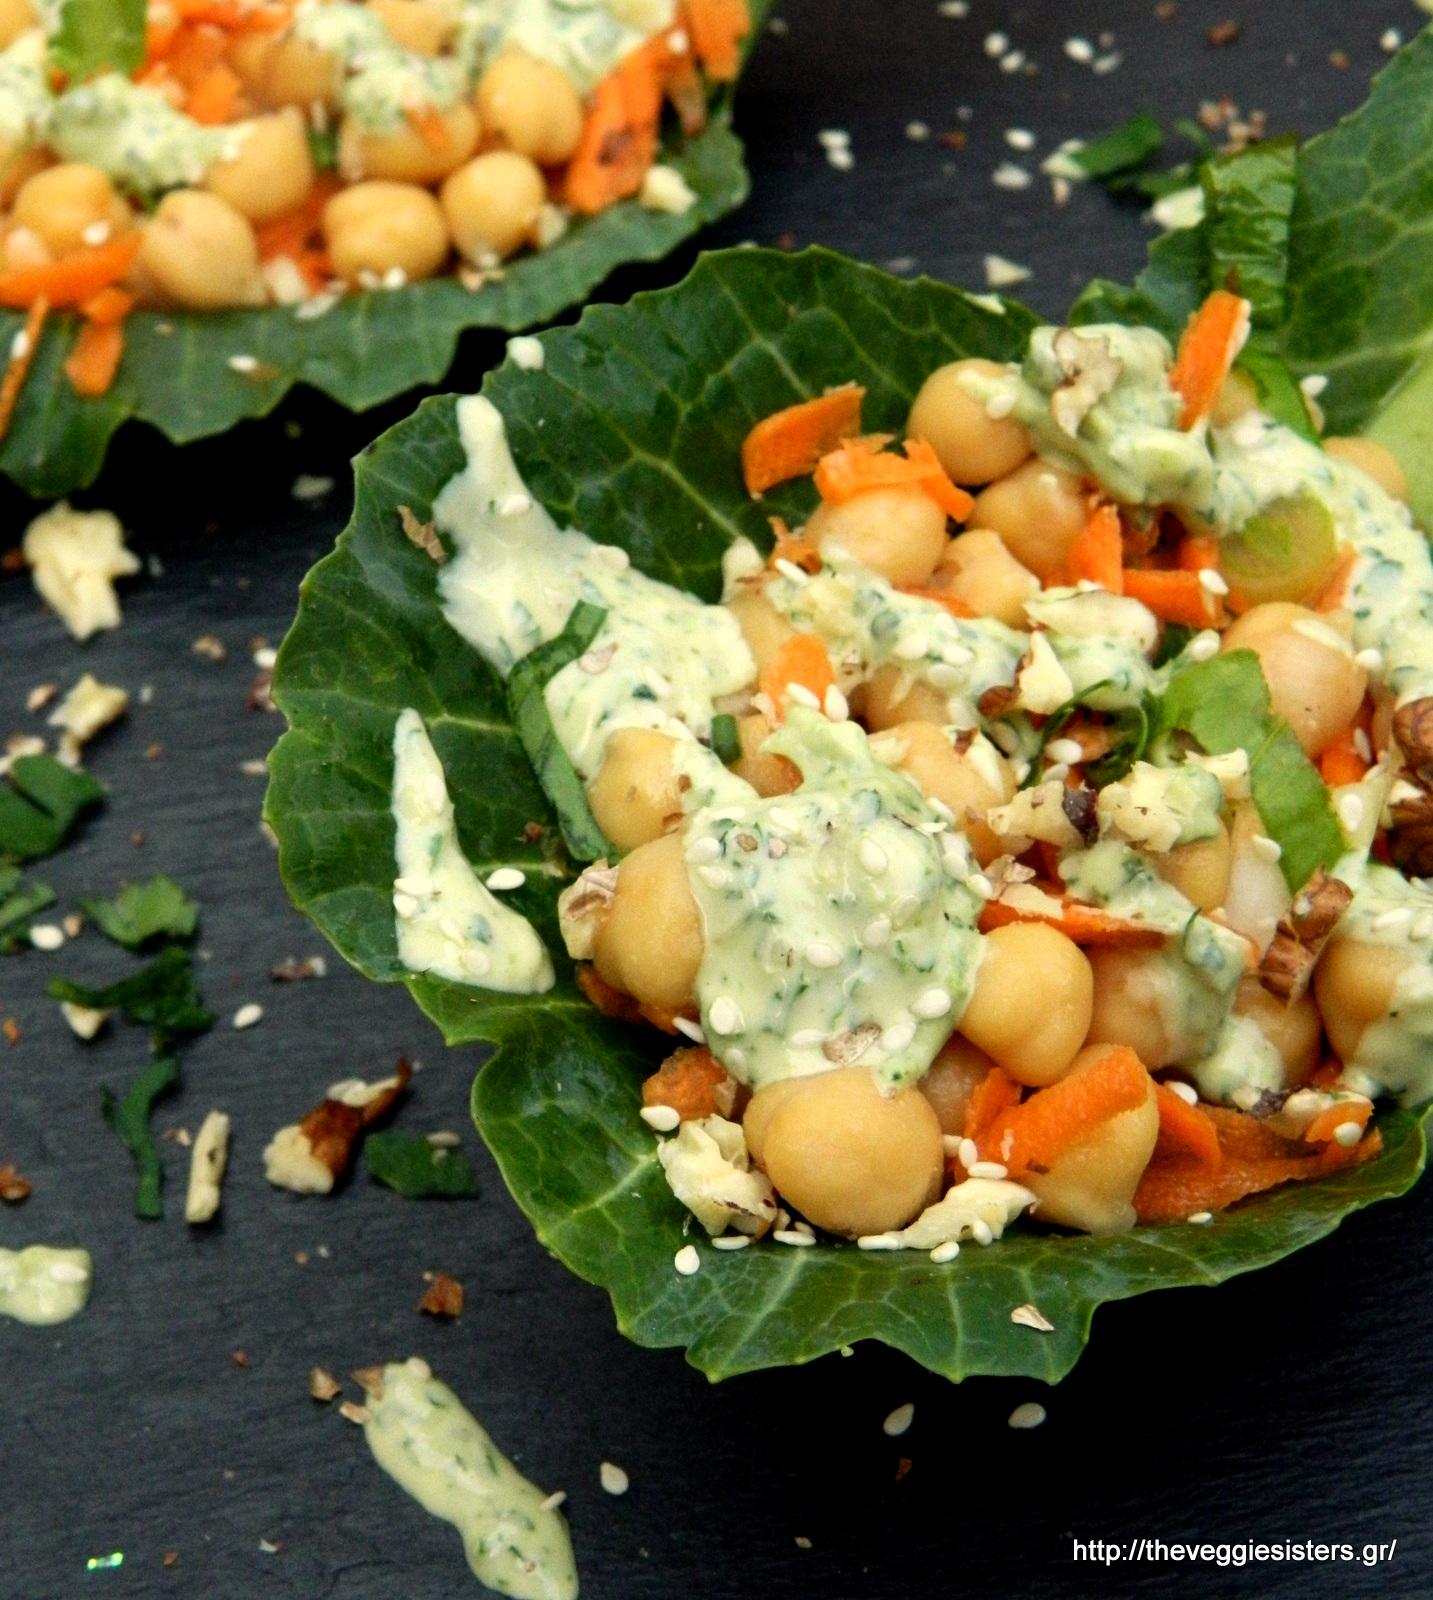 Υπέροχη σαλάτα με ρεβύθια ή άλειμμα